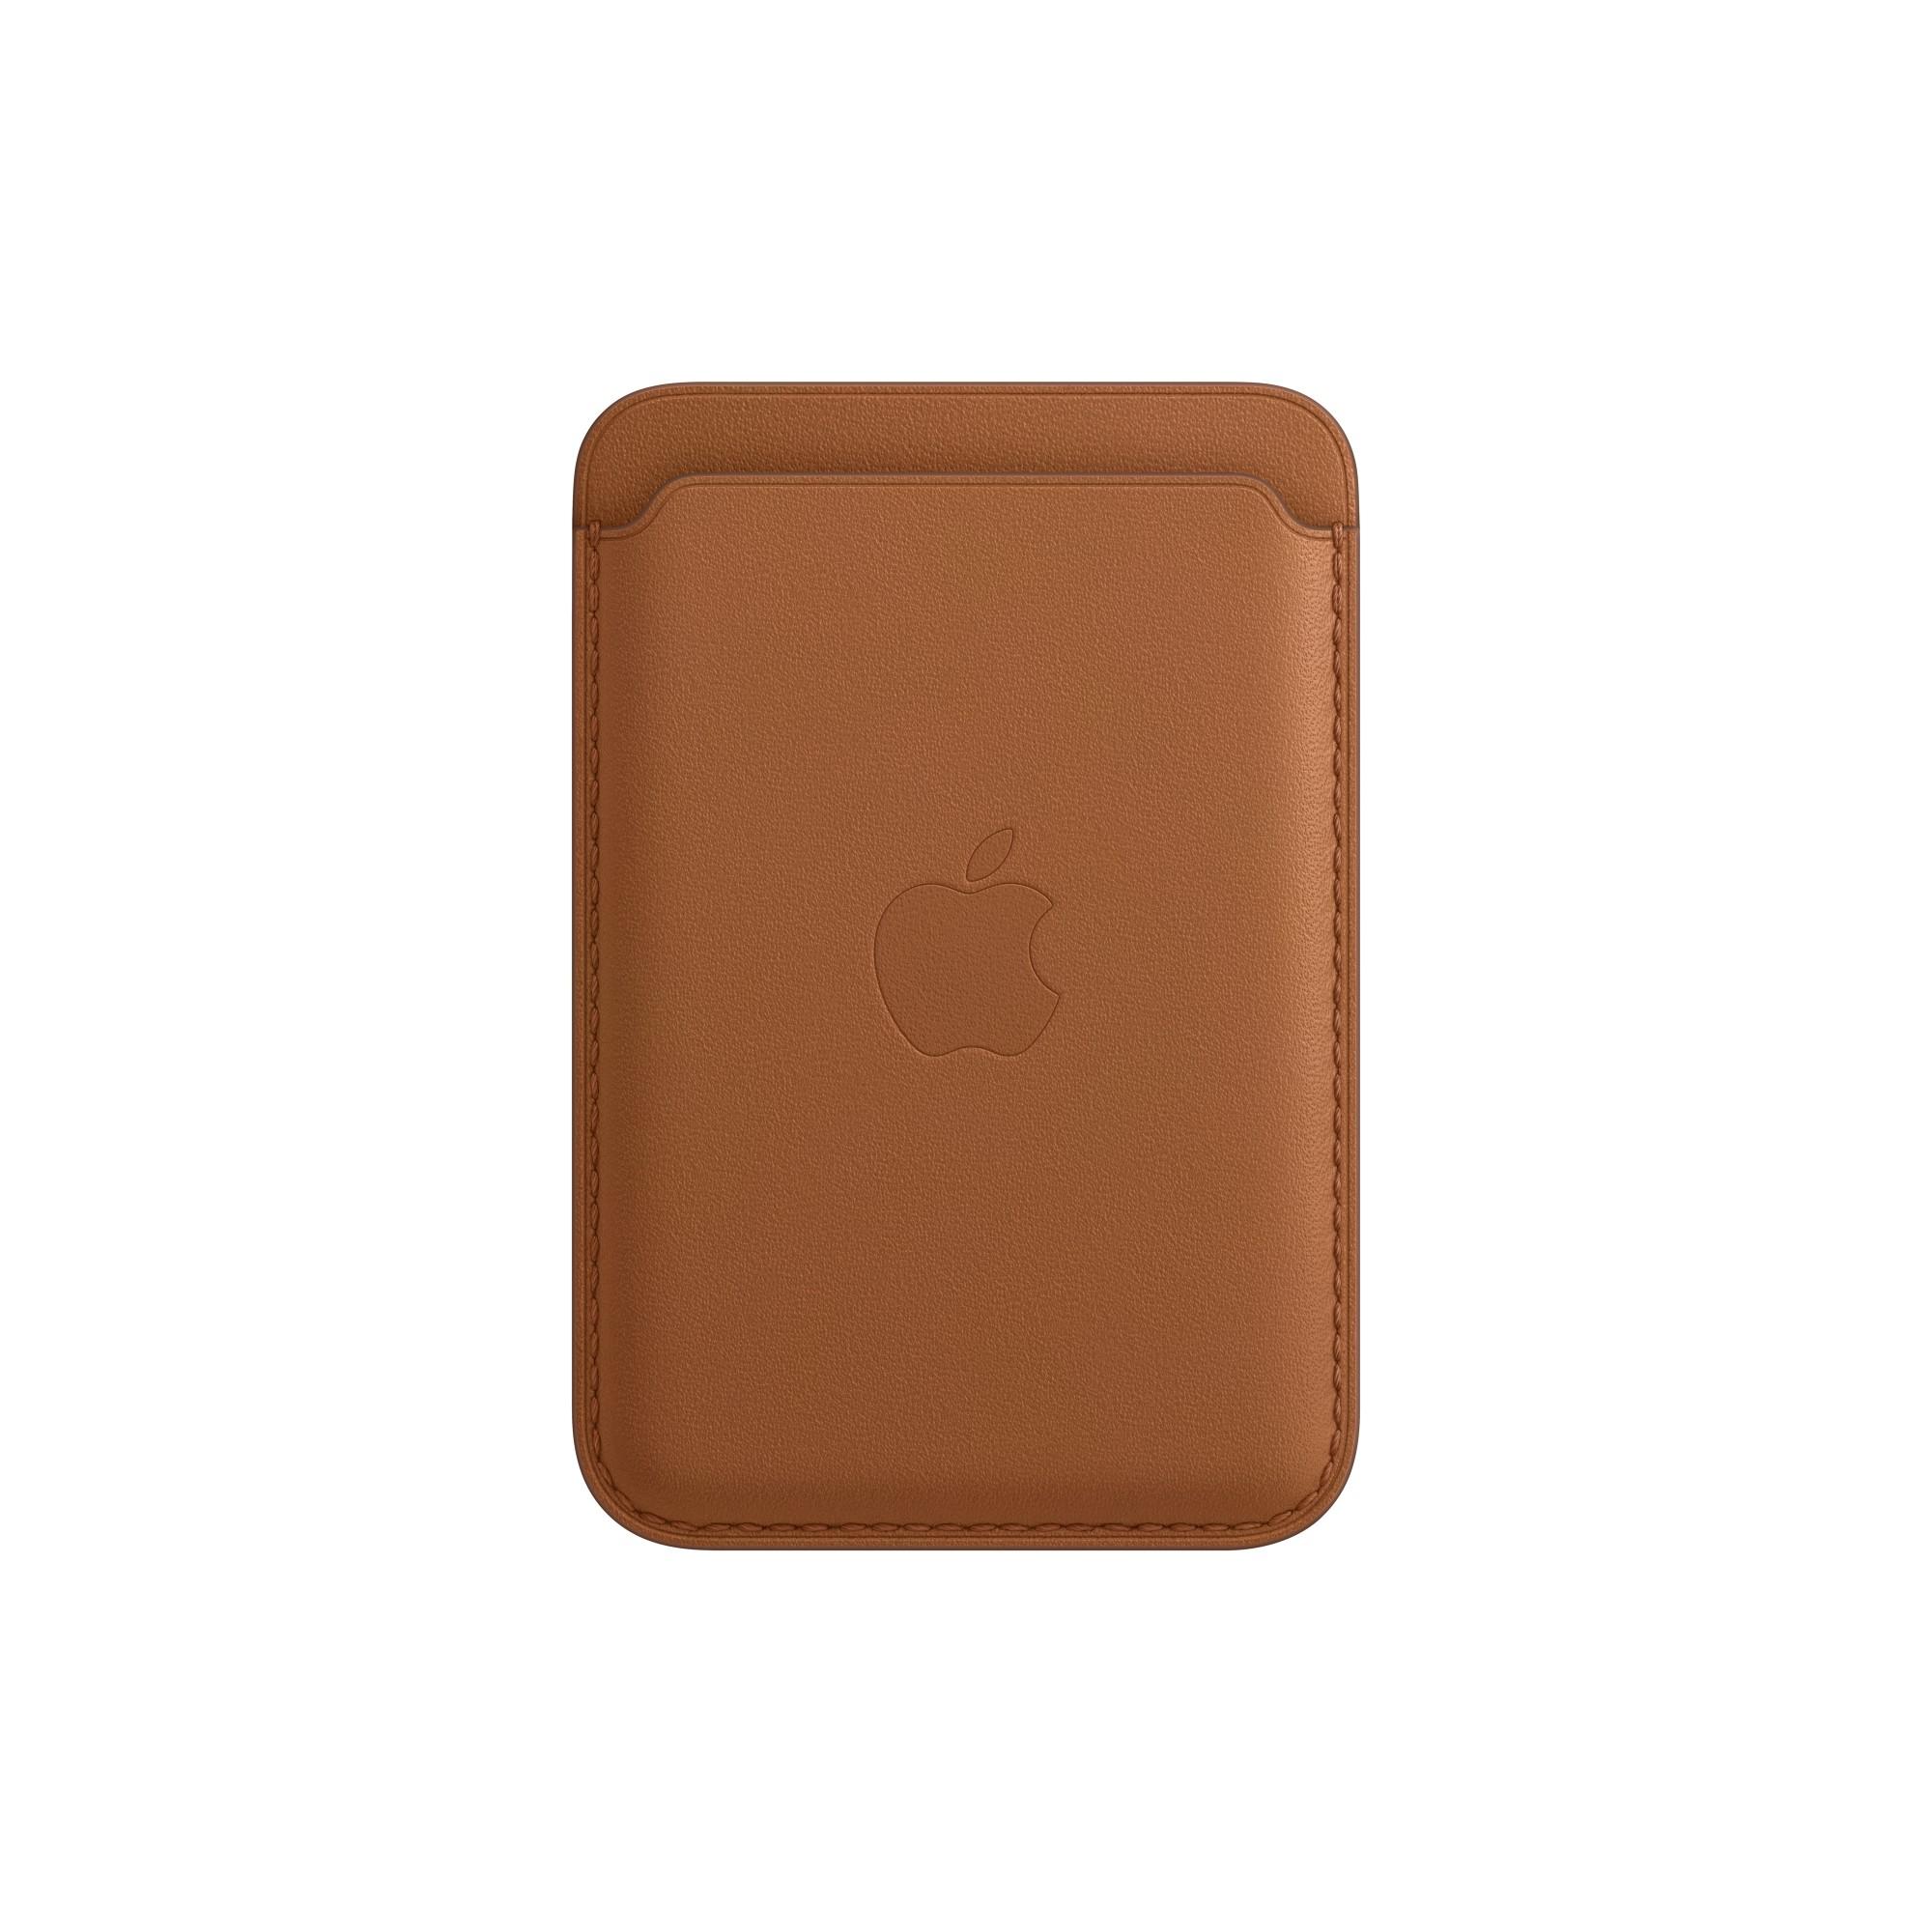 Apple MHLR3ZM/A accesorio para dispositivo de mano Marrón